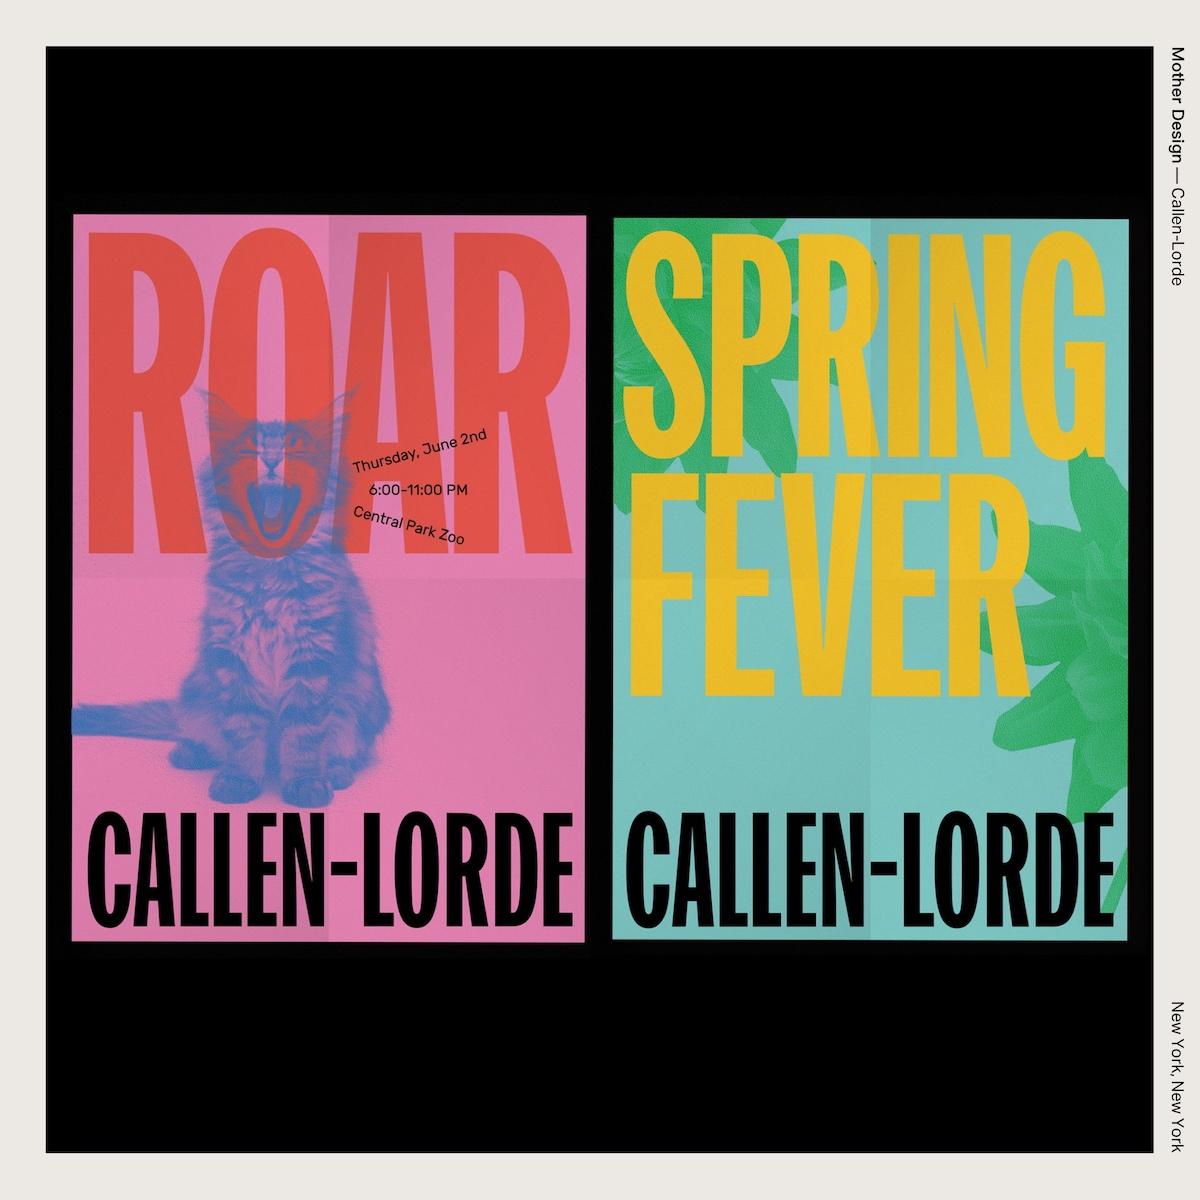 Mother Design — Callen-Lorde